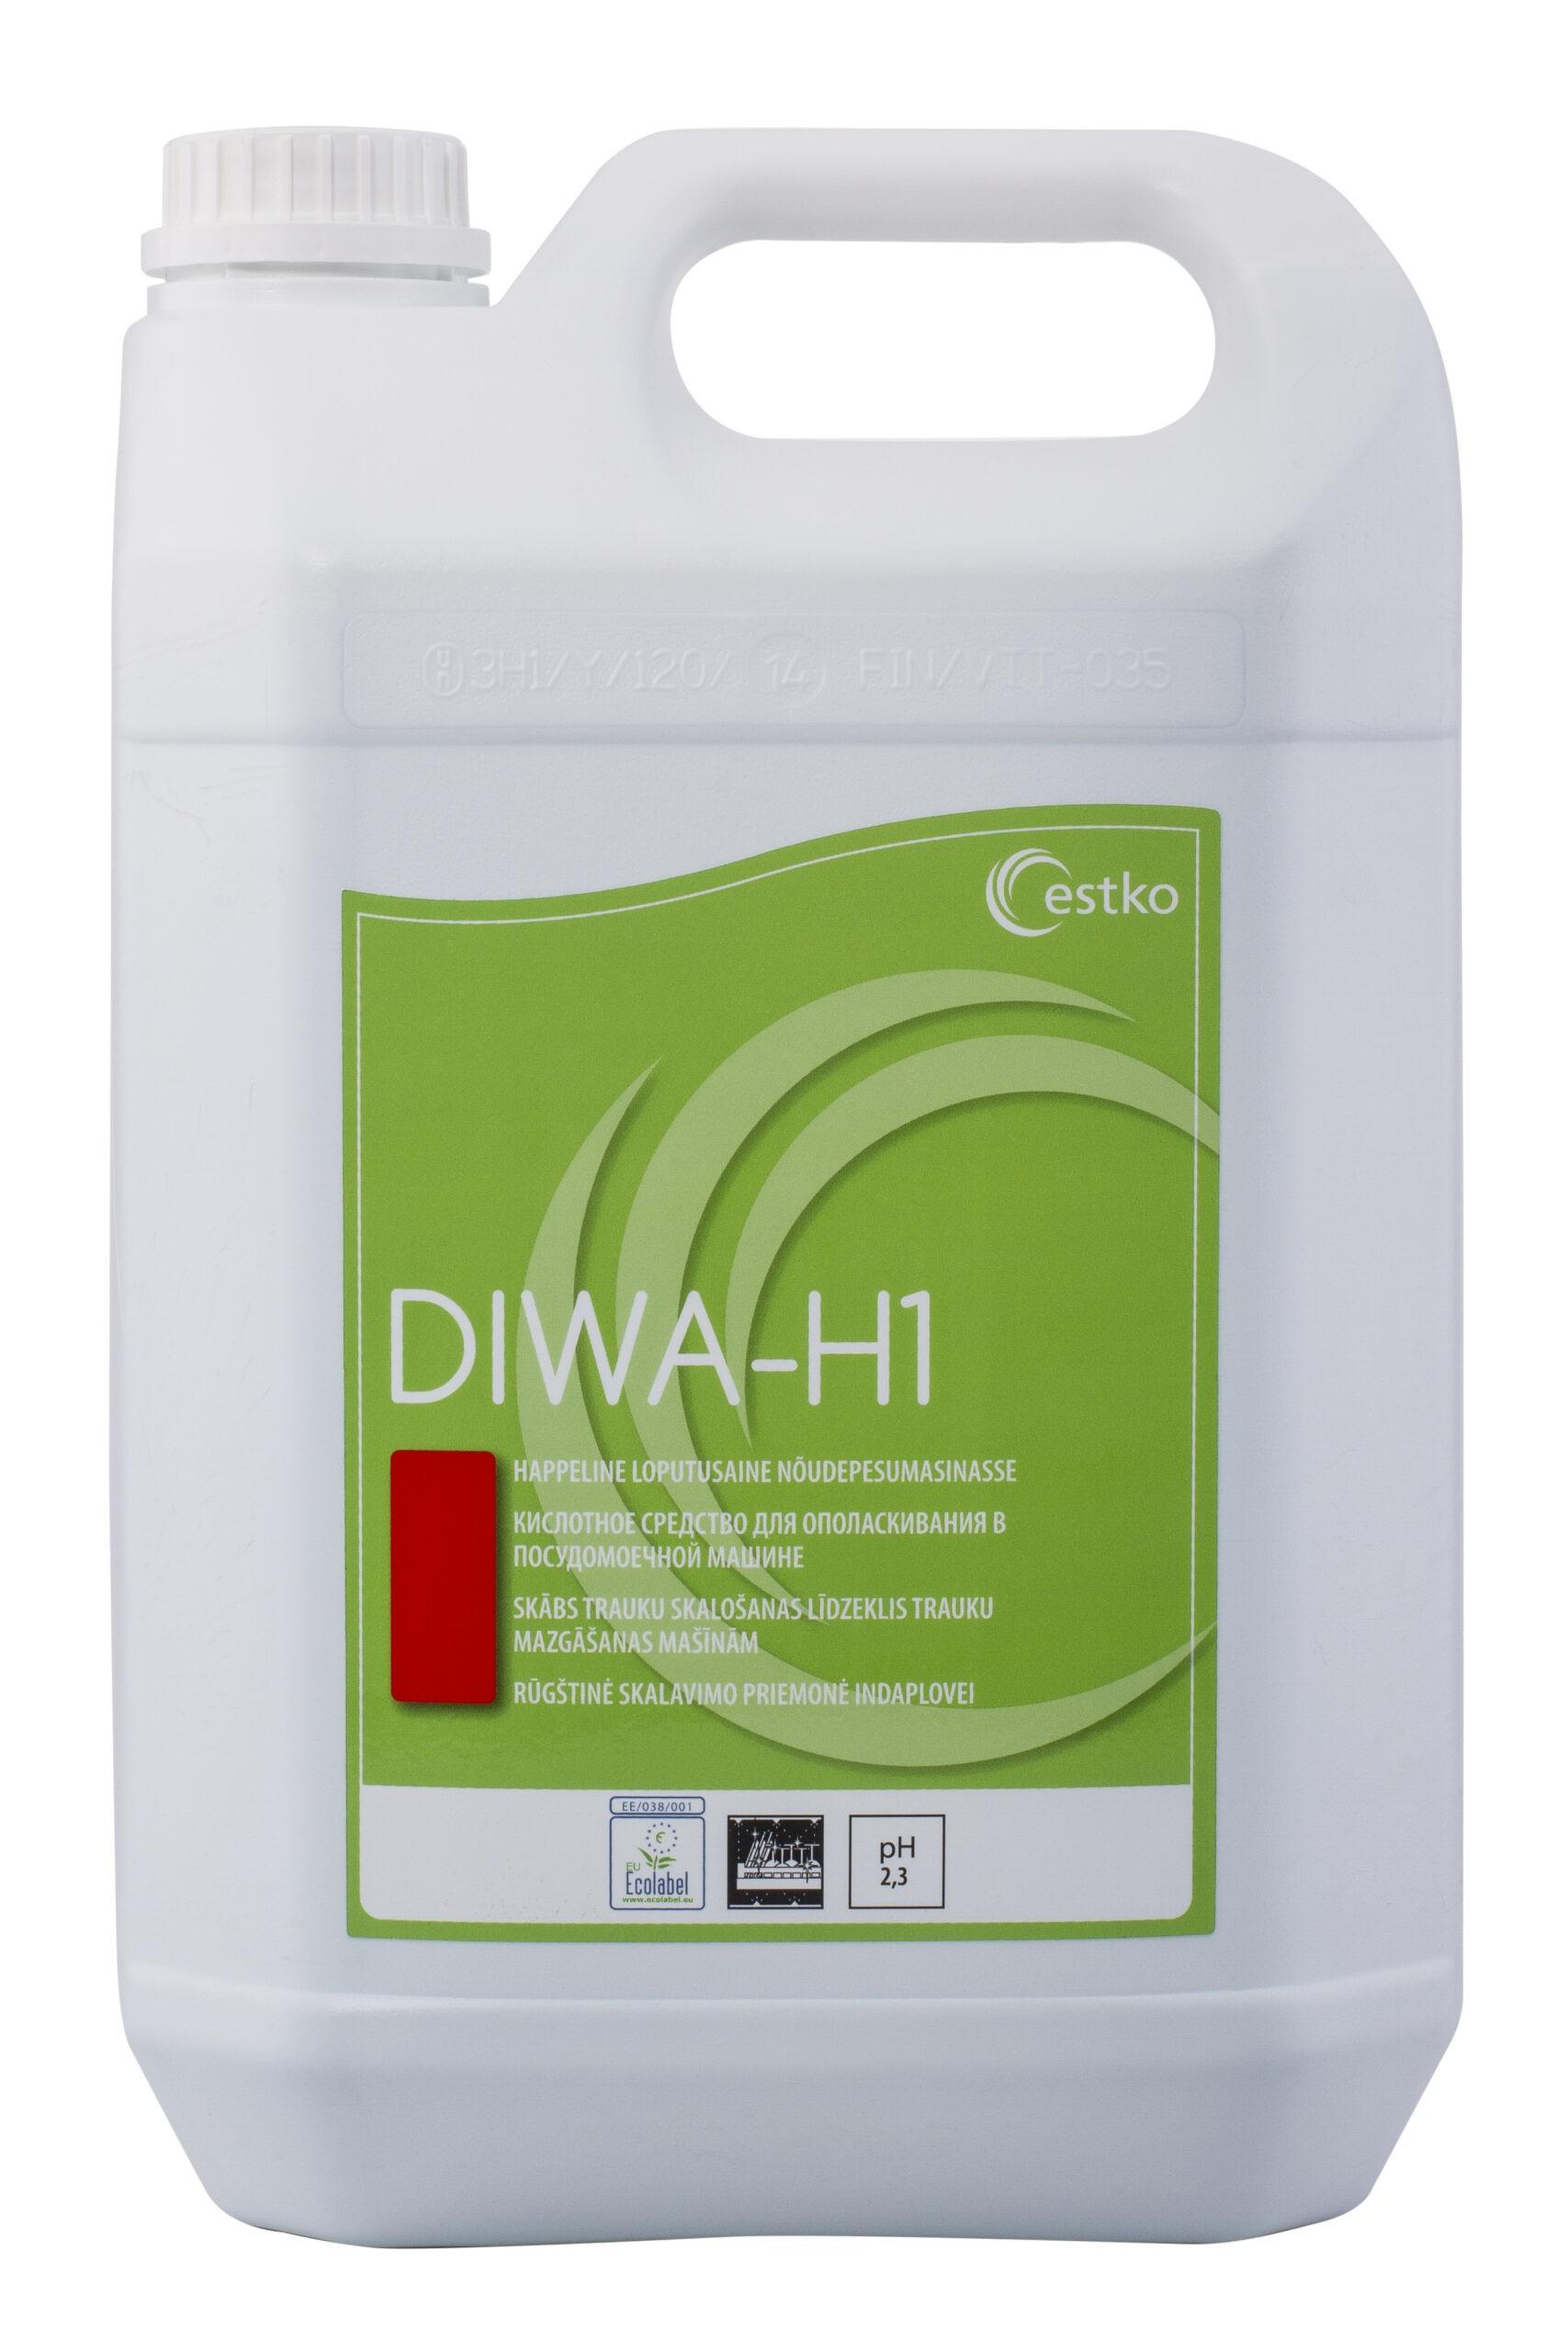 DIWA H1 loputusaine nõudepesumasinale